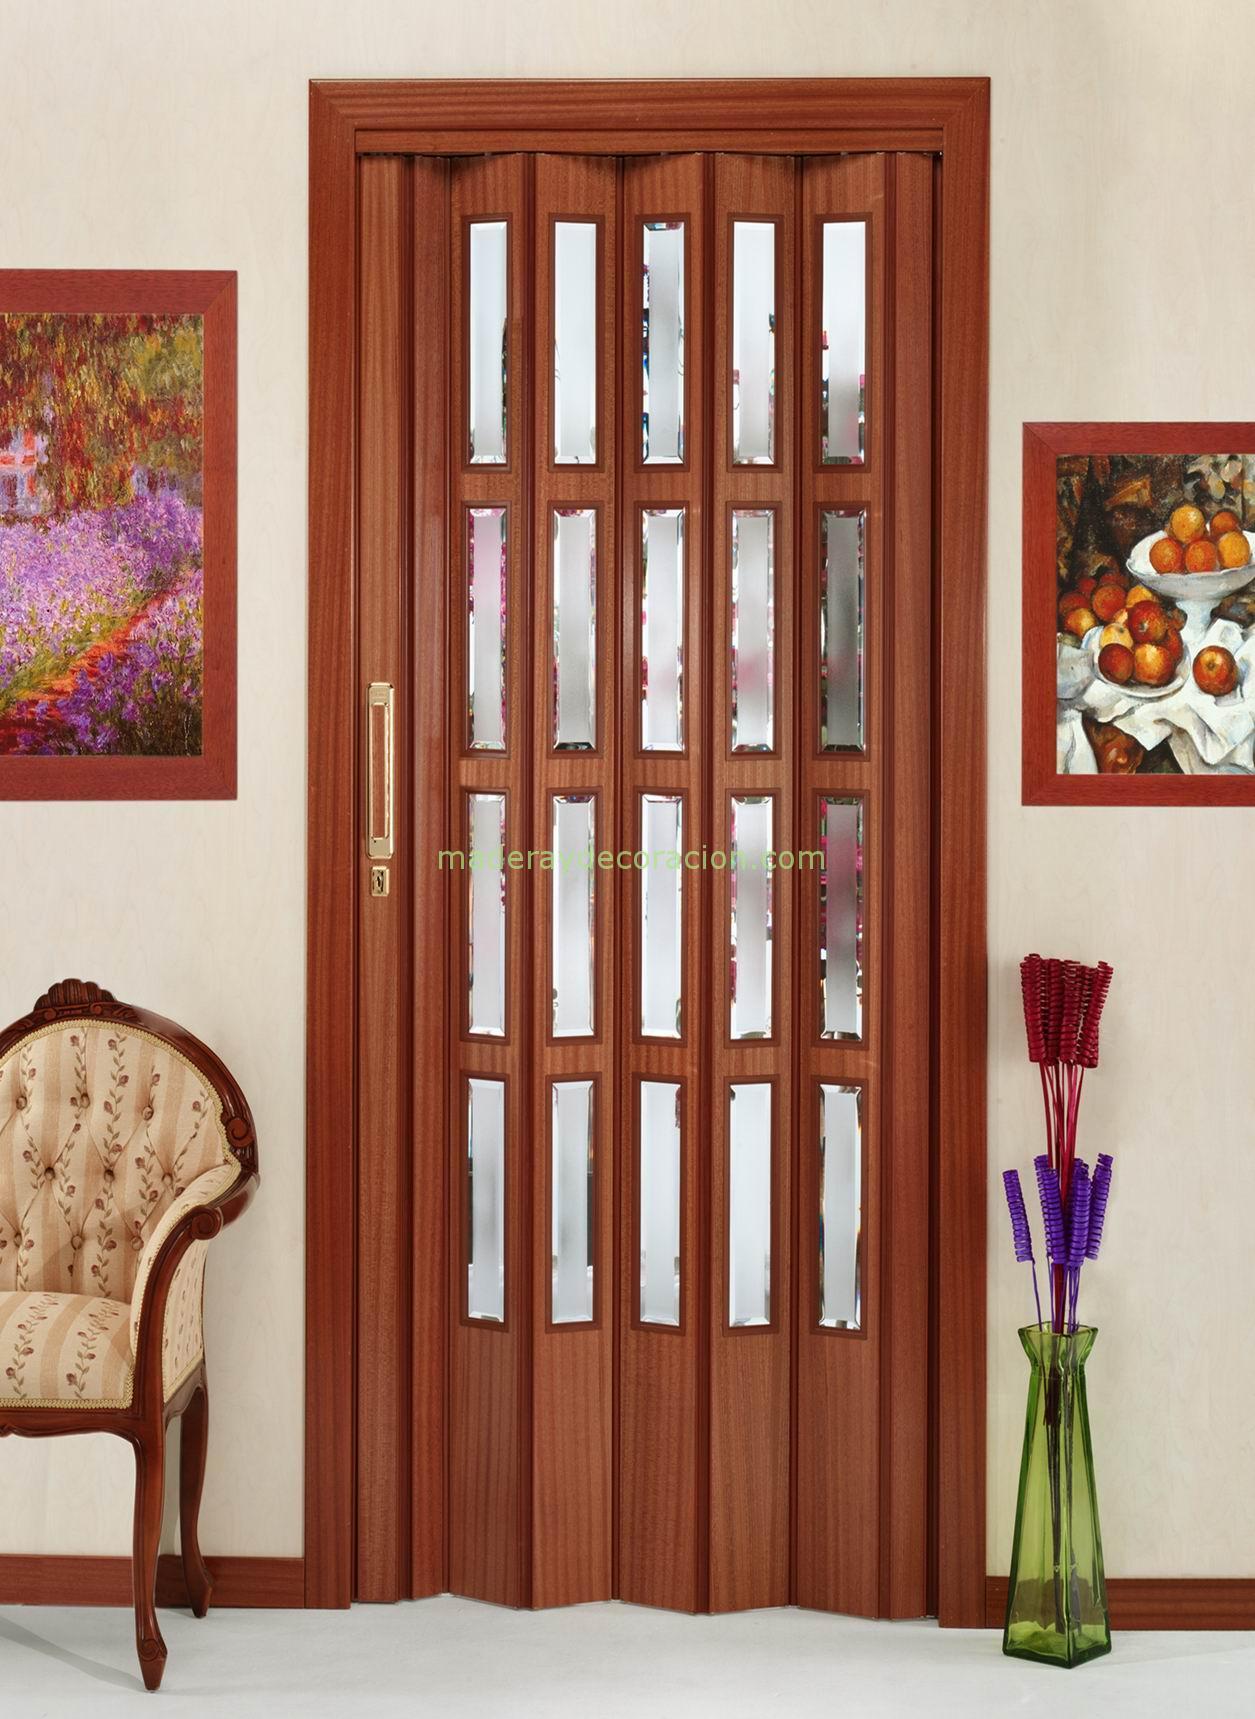 Puertas plegables a medida de madera y pvc for Puertas galvanizadas medidas